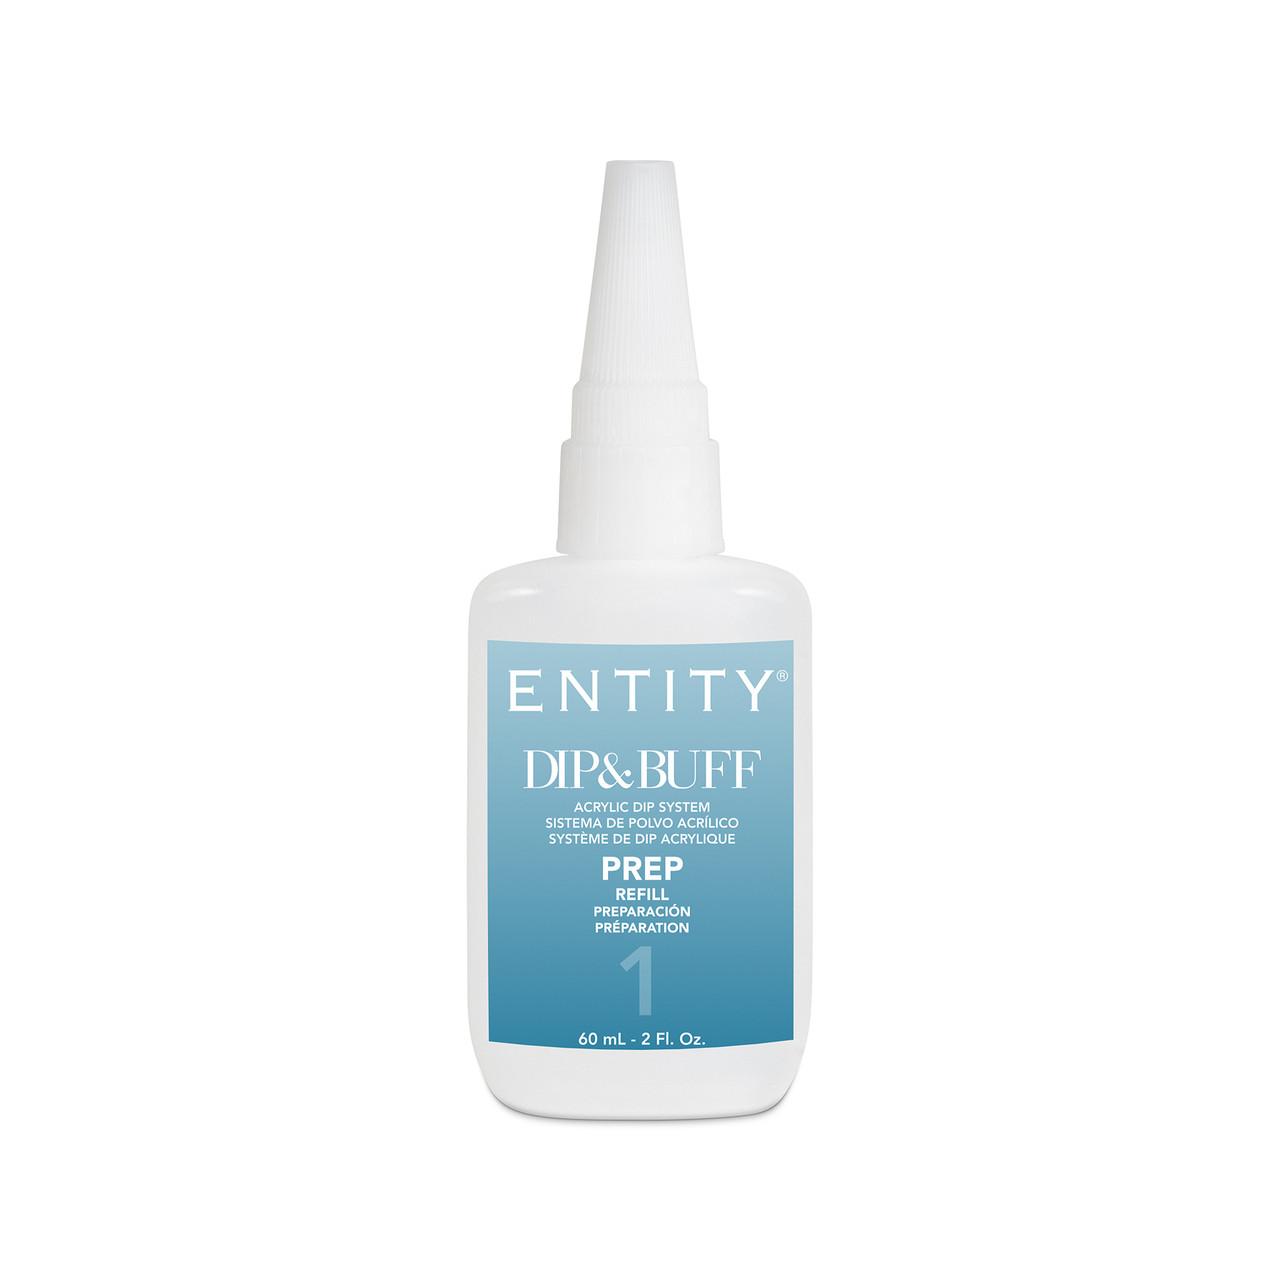 Entity Dip & Buff System #1 - Prep, 60 mL | 2 fl oz - 5301020